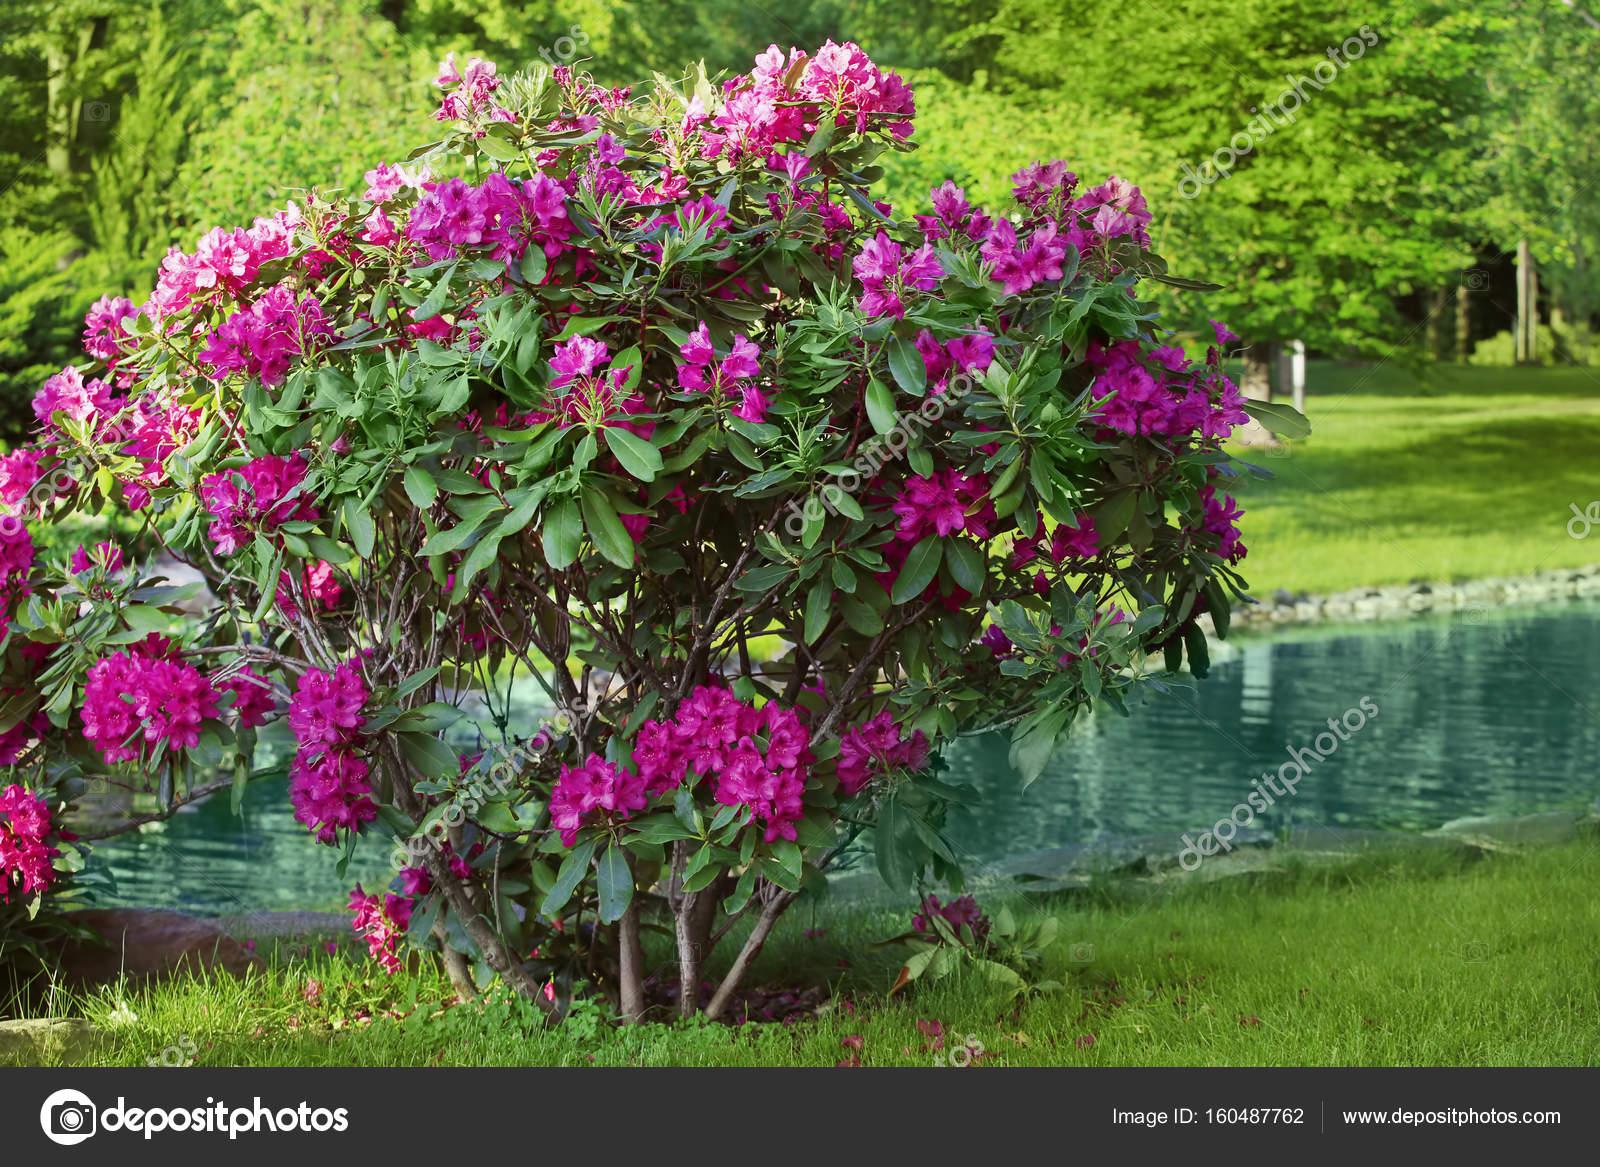 Fotos flores arbustos arbusto flor de flores del jard n foto de stock belchonock 160487762 - Plantas de jardin fotos ...